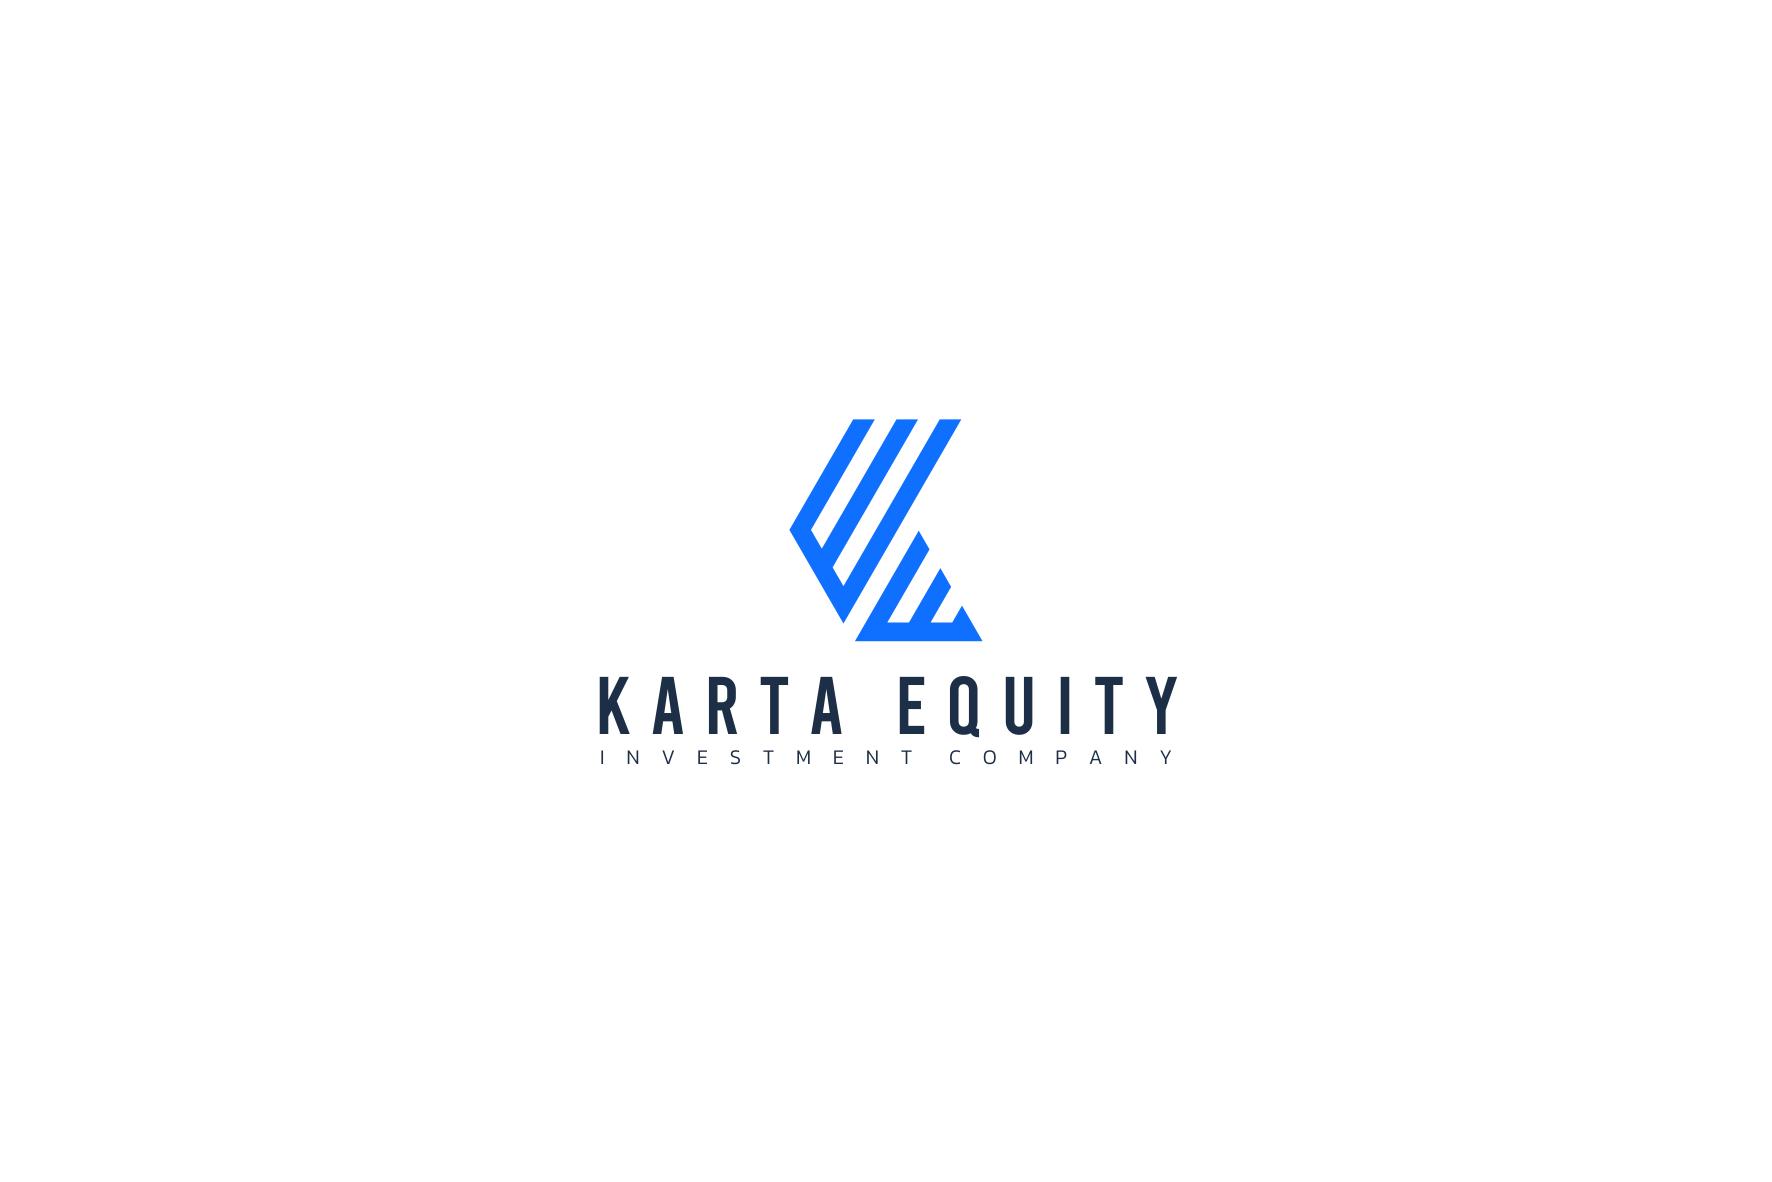 Логотип для компании инвестироваюшей в жилую недвижимость фото f_8145e12ad6246694.png